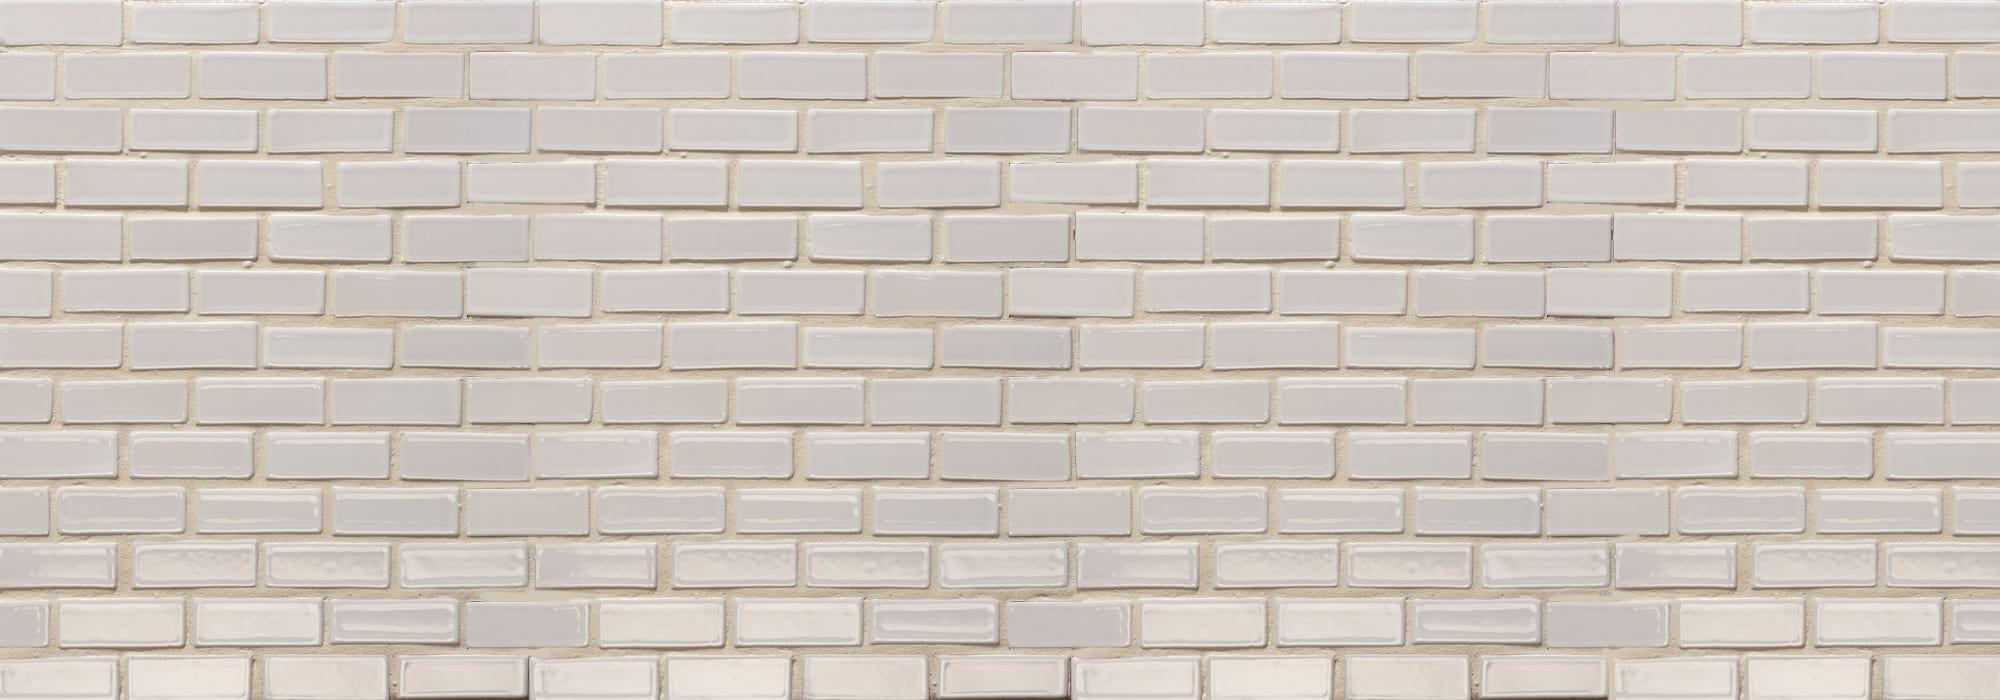 פסיפס קרמיקה לבן 1.5X5 by Milstone